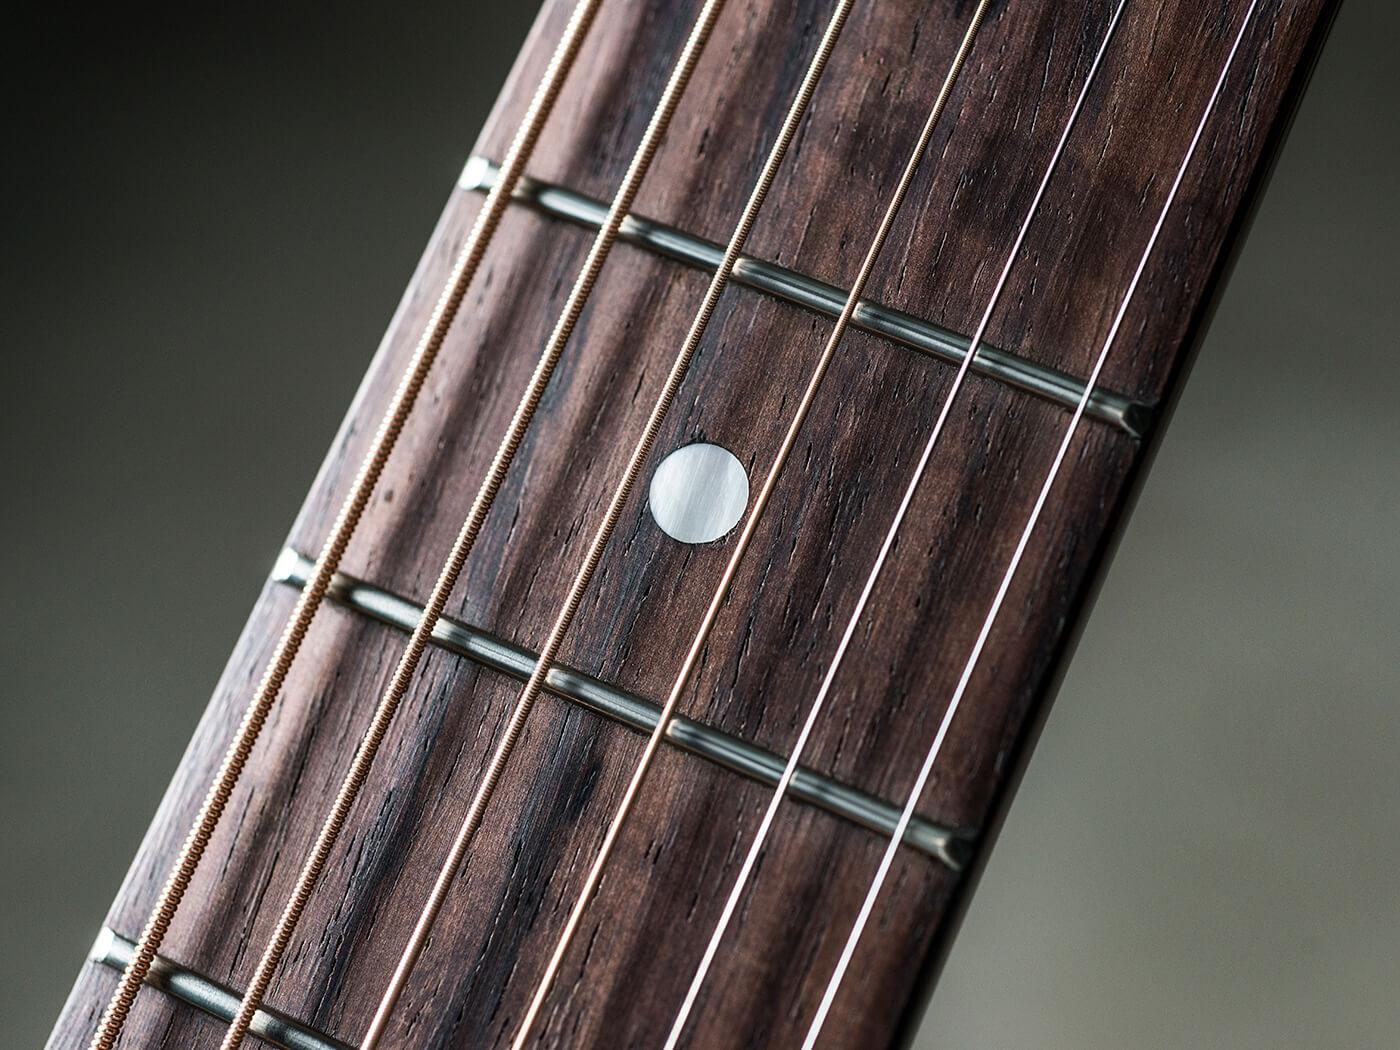 Gibson Slash J45 (Fretboard)